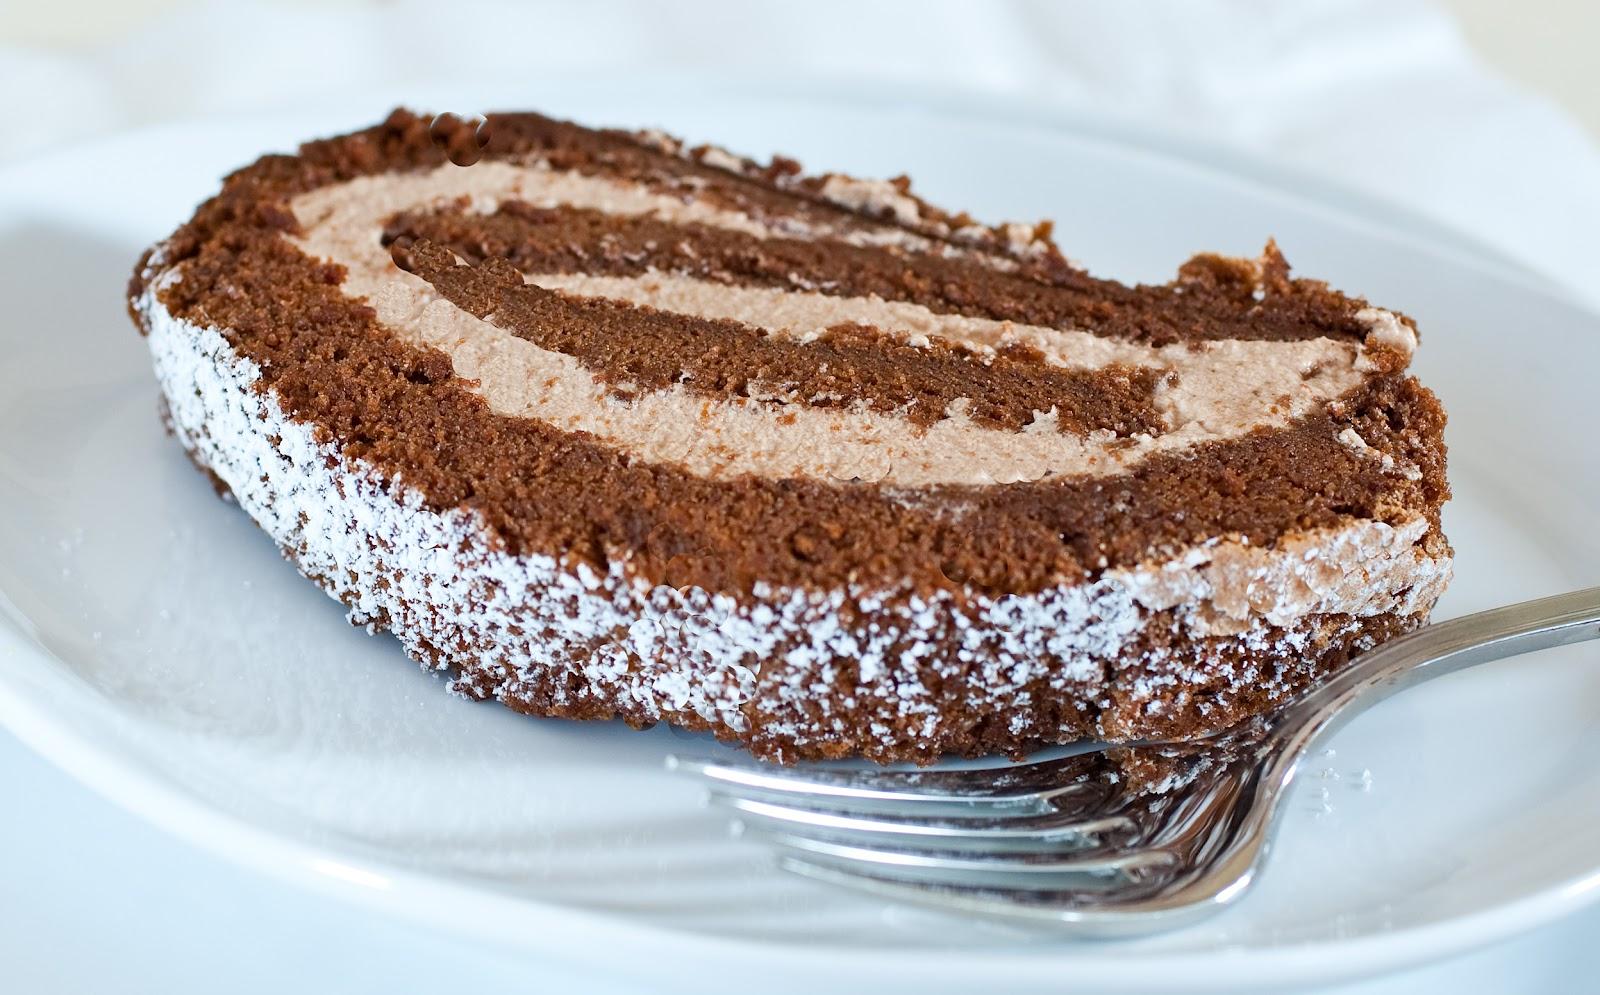 Вкусен десерт: Ролат во форма на солза